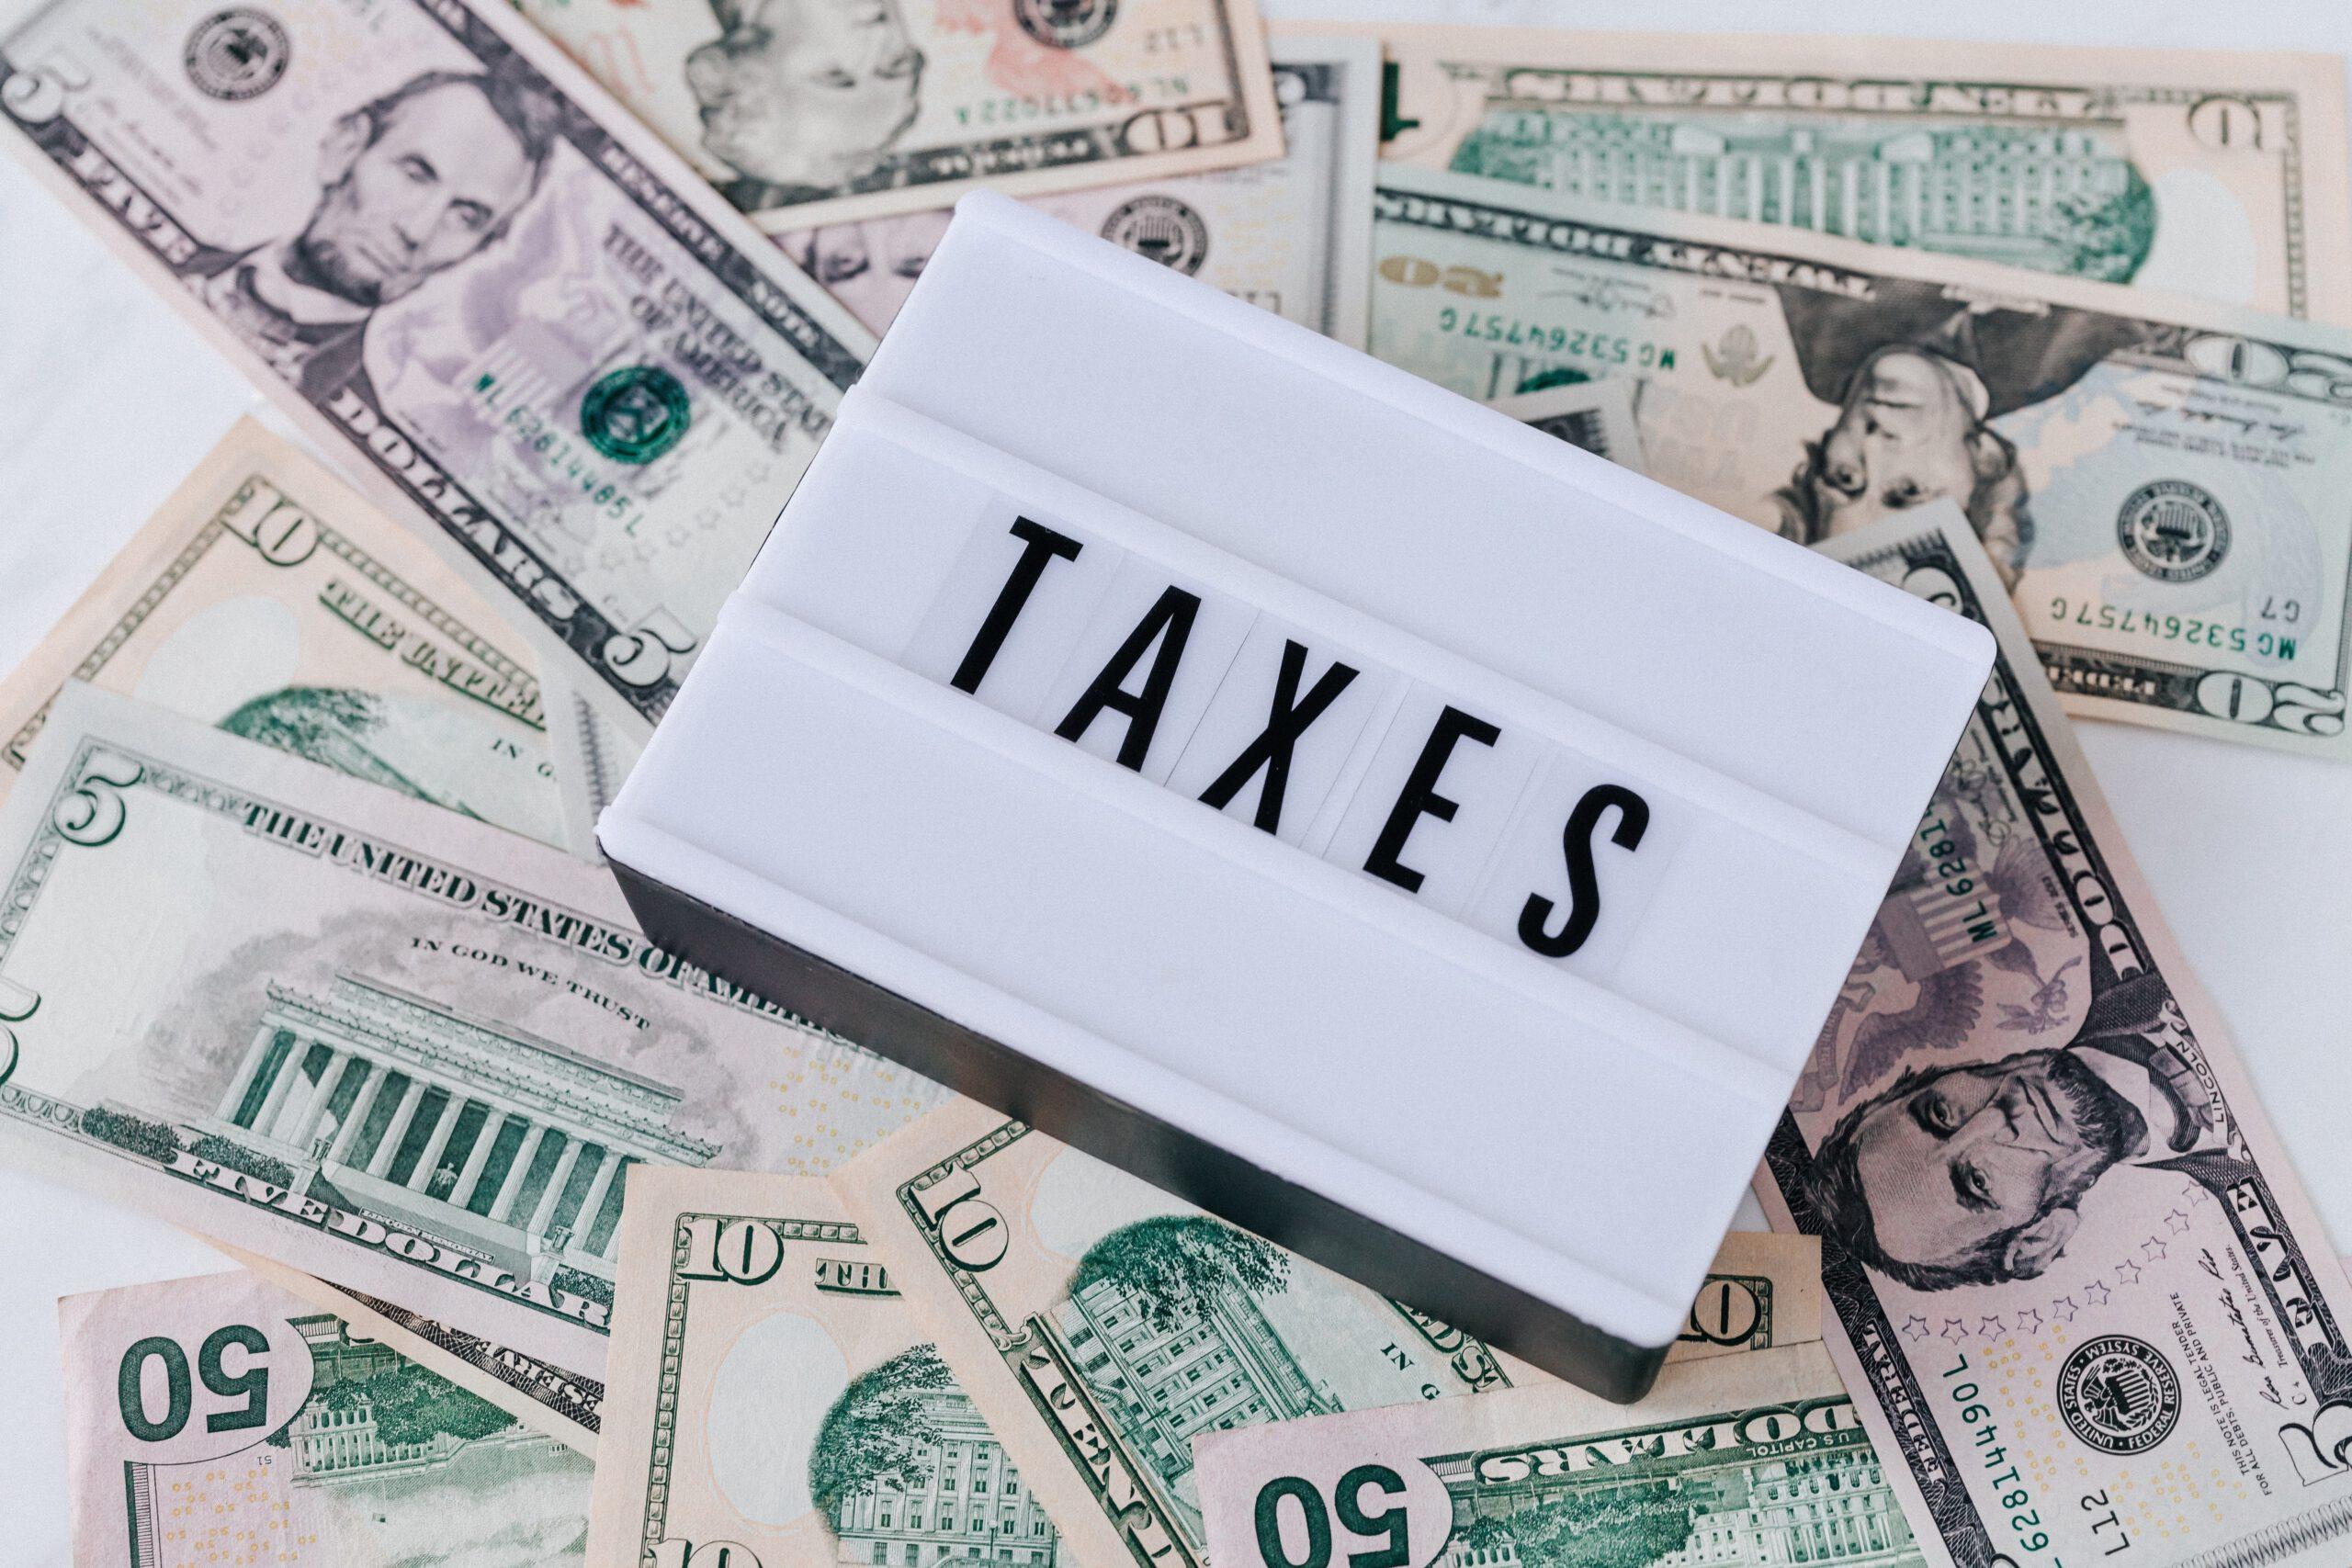 belastingadviseurs rotterdam